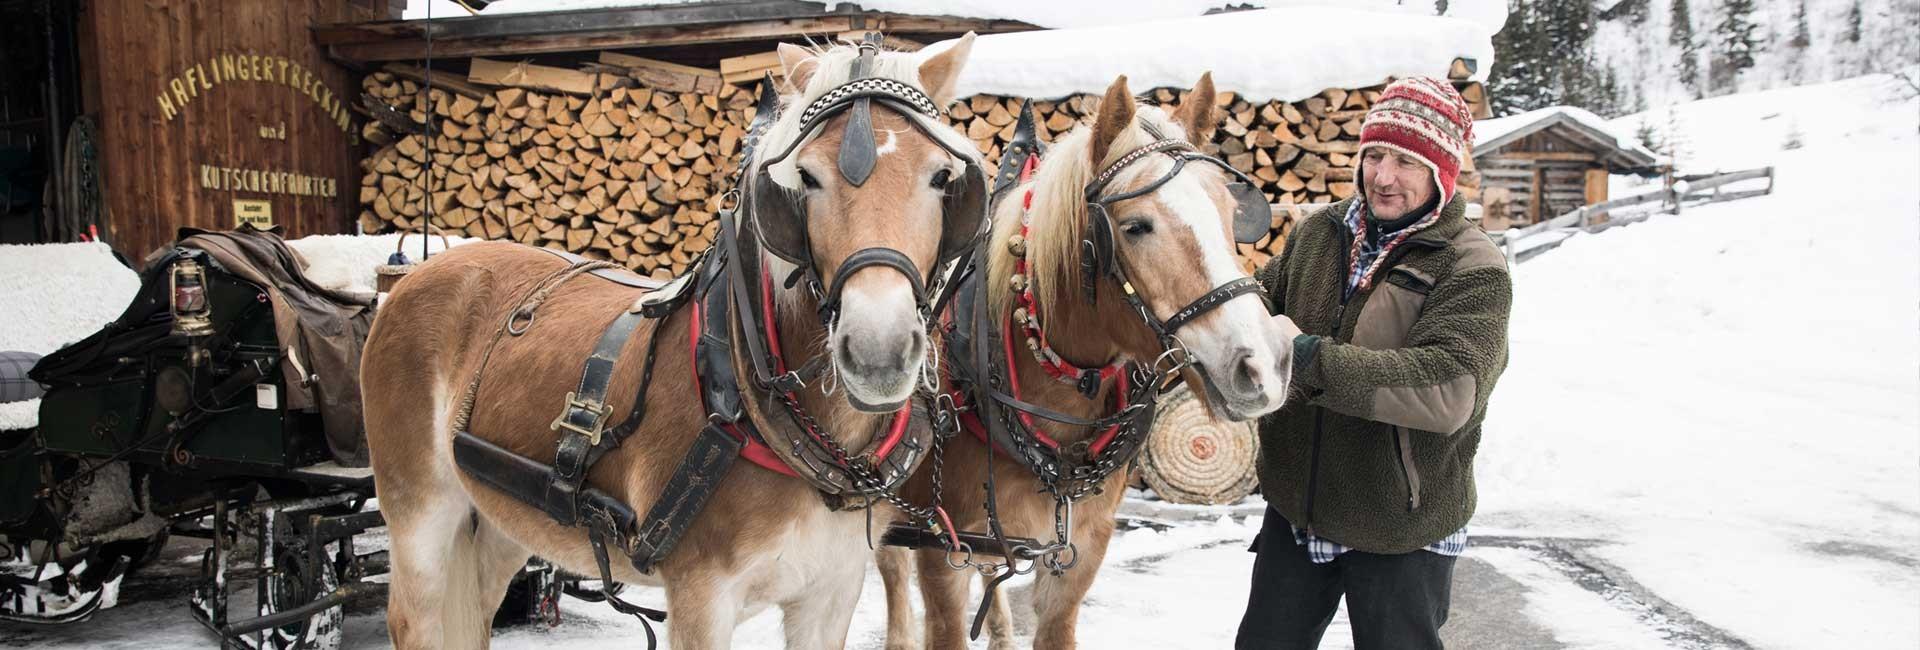 pferdeschlittenfahrten_pitztal